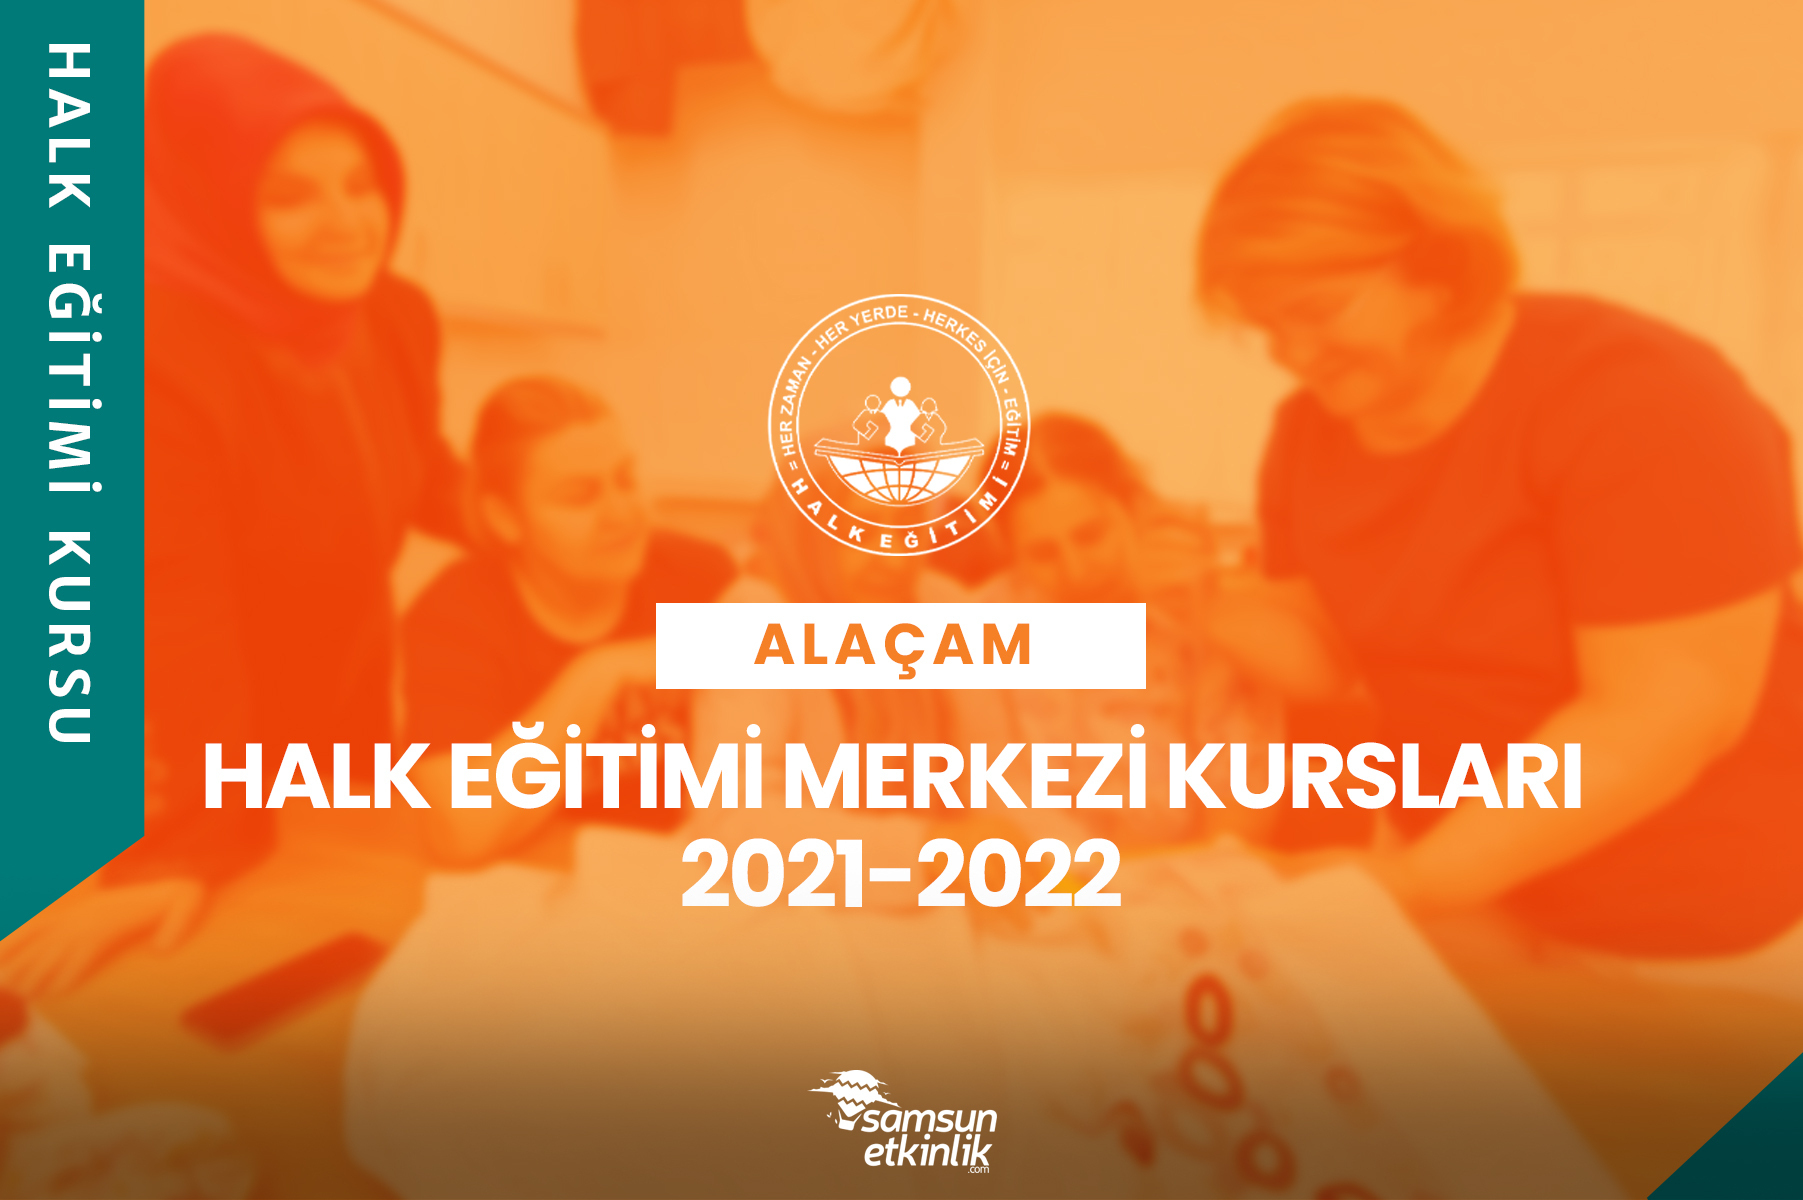 Samsun Alaçam Halk Eğitimi Merkezi Kursları 2021-2022